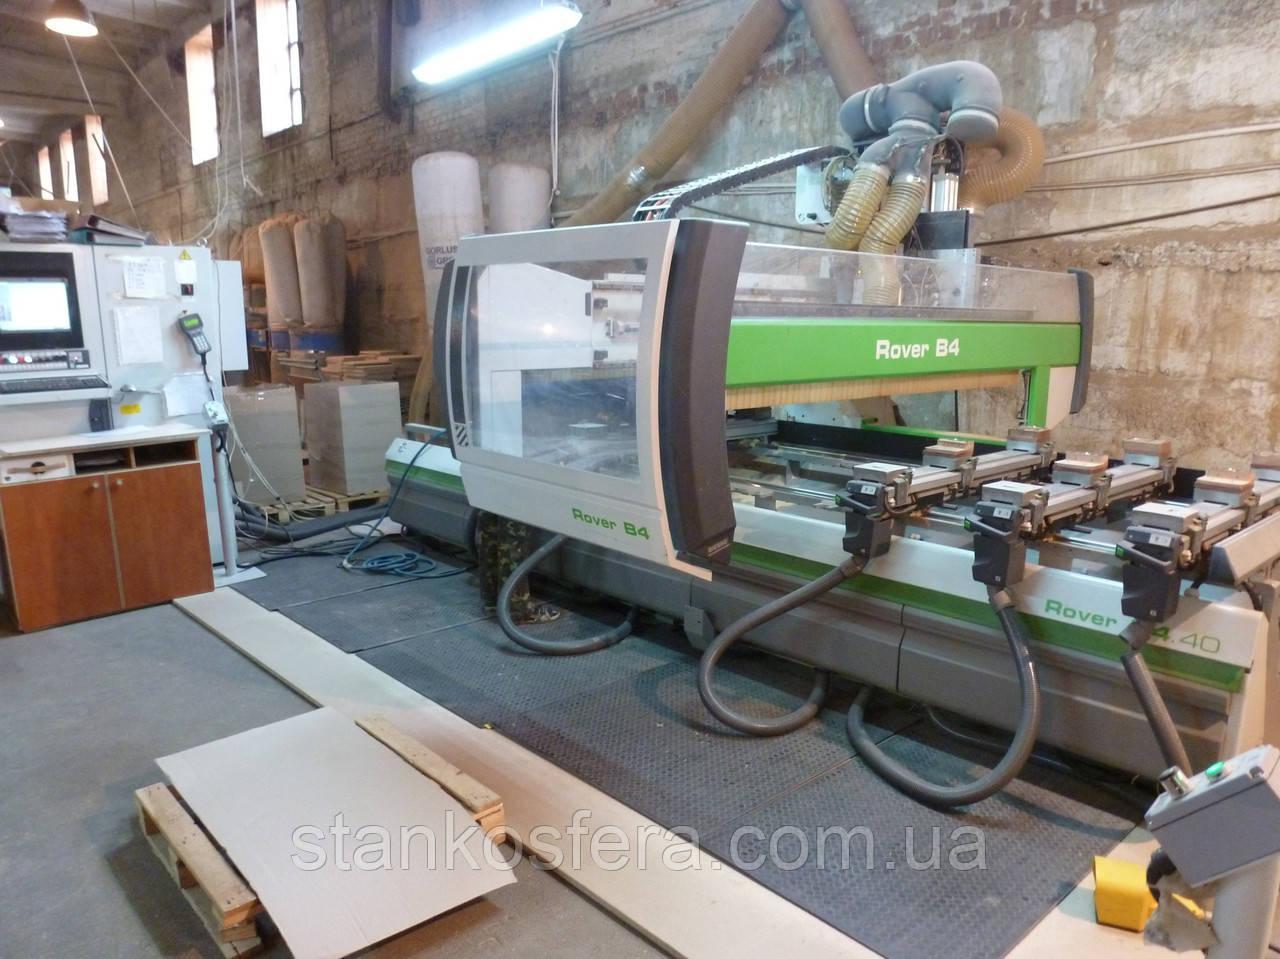 Обрабатывающий центр Biesse Rover B4.40 с ЧПУ бу 2007г. фрезерование, сверление, пазование